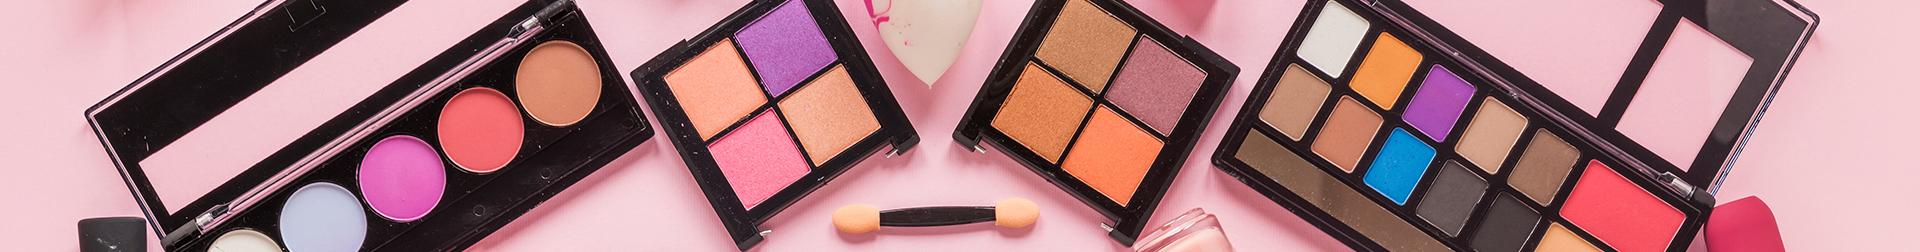 Makeup Products | Makeup Palettes - Buy Makeup Palettes Online | AromaCraze